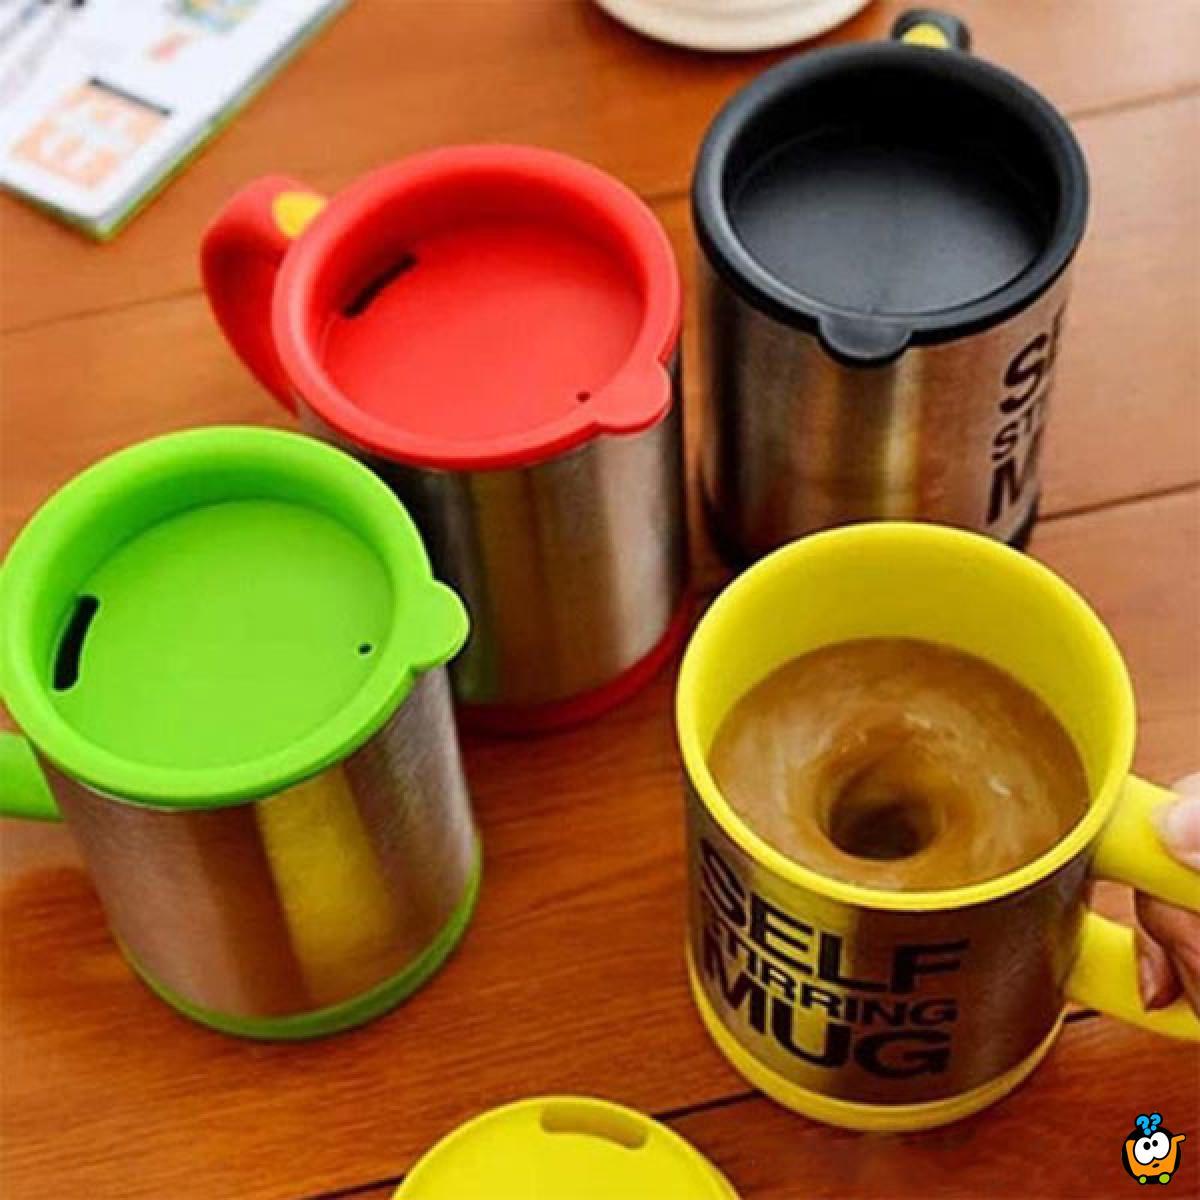 Magična šolja koja sama meša kafu